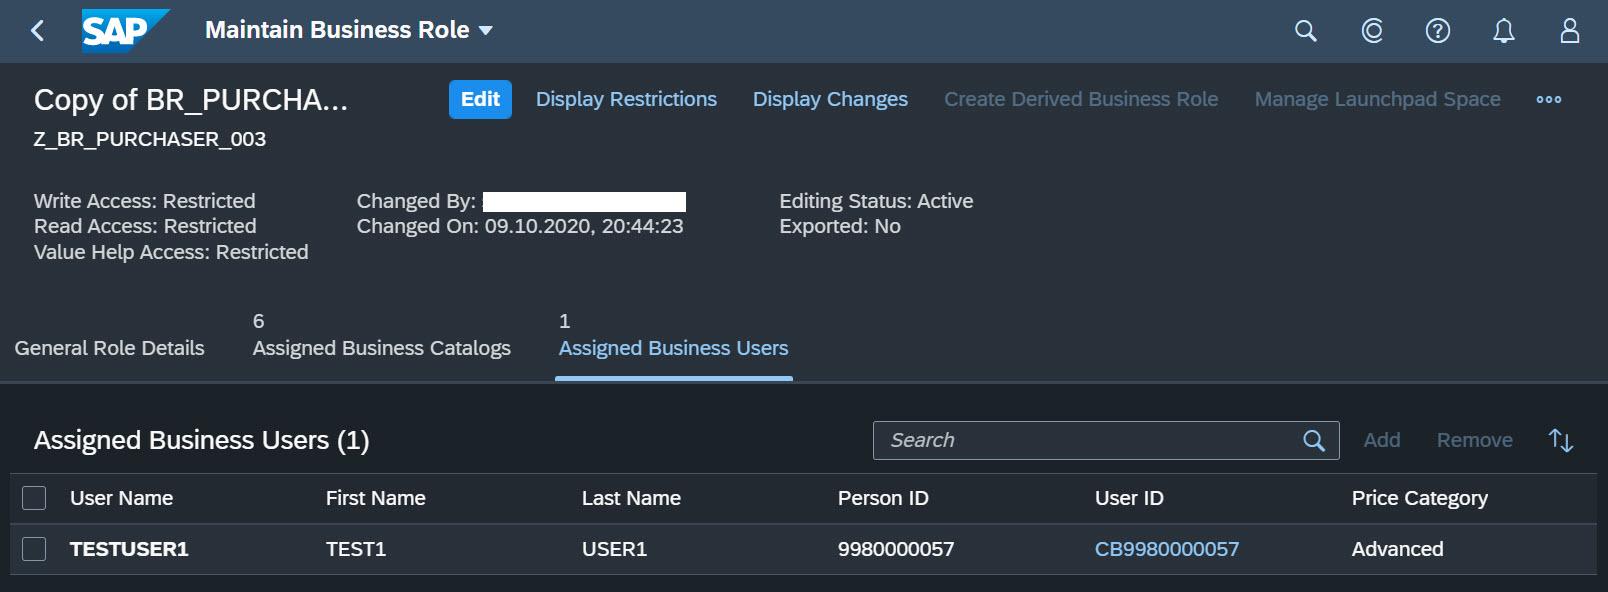 2020-10-09_20-45-08_Assign_user.jpg